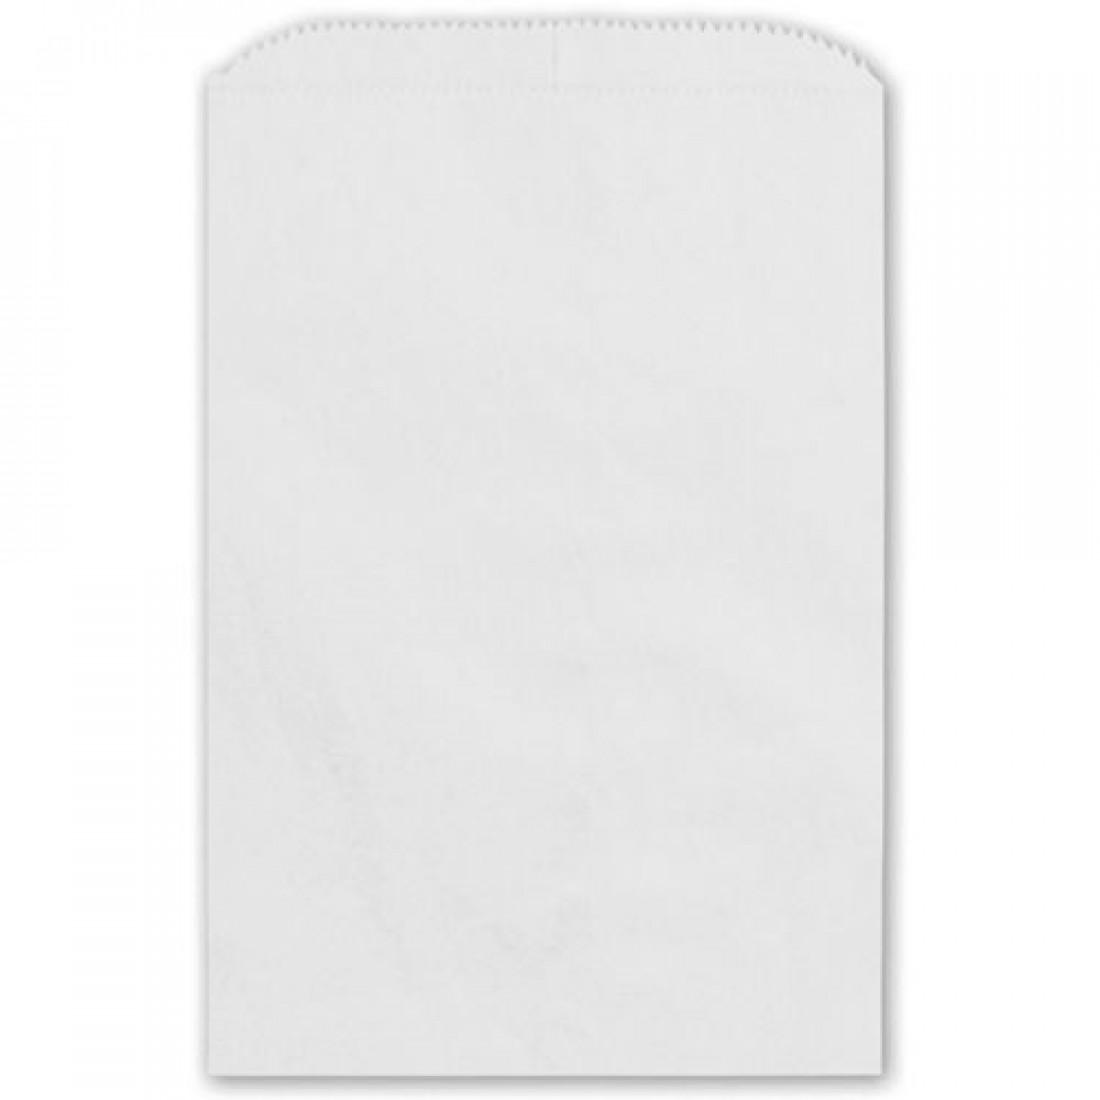 White Paper Bag 6.25x9.25